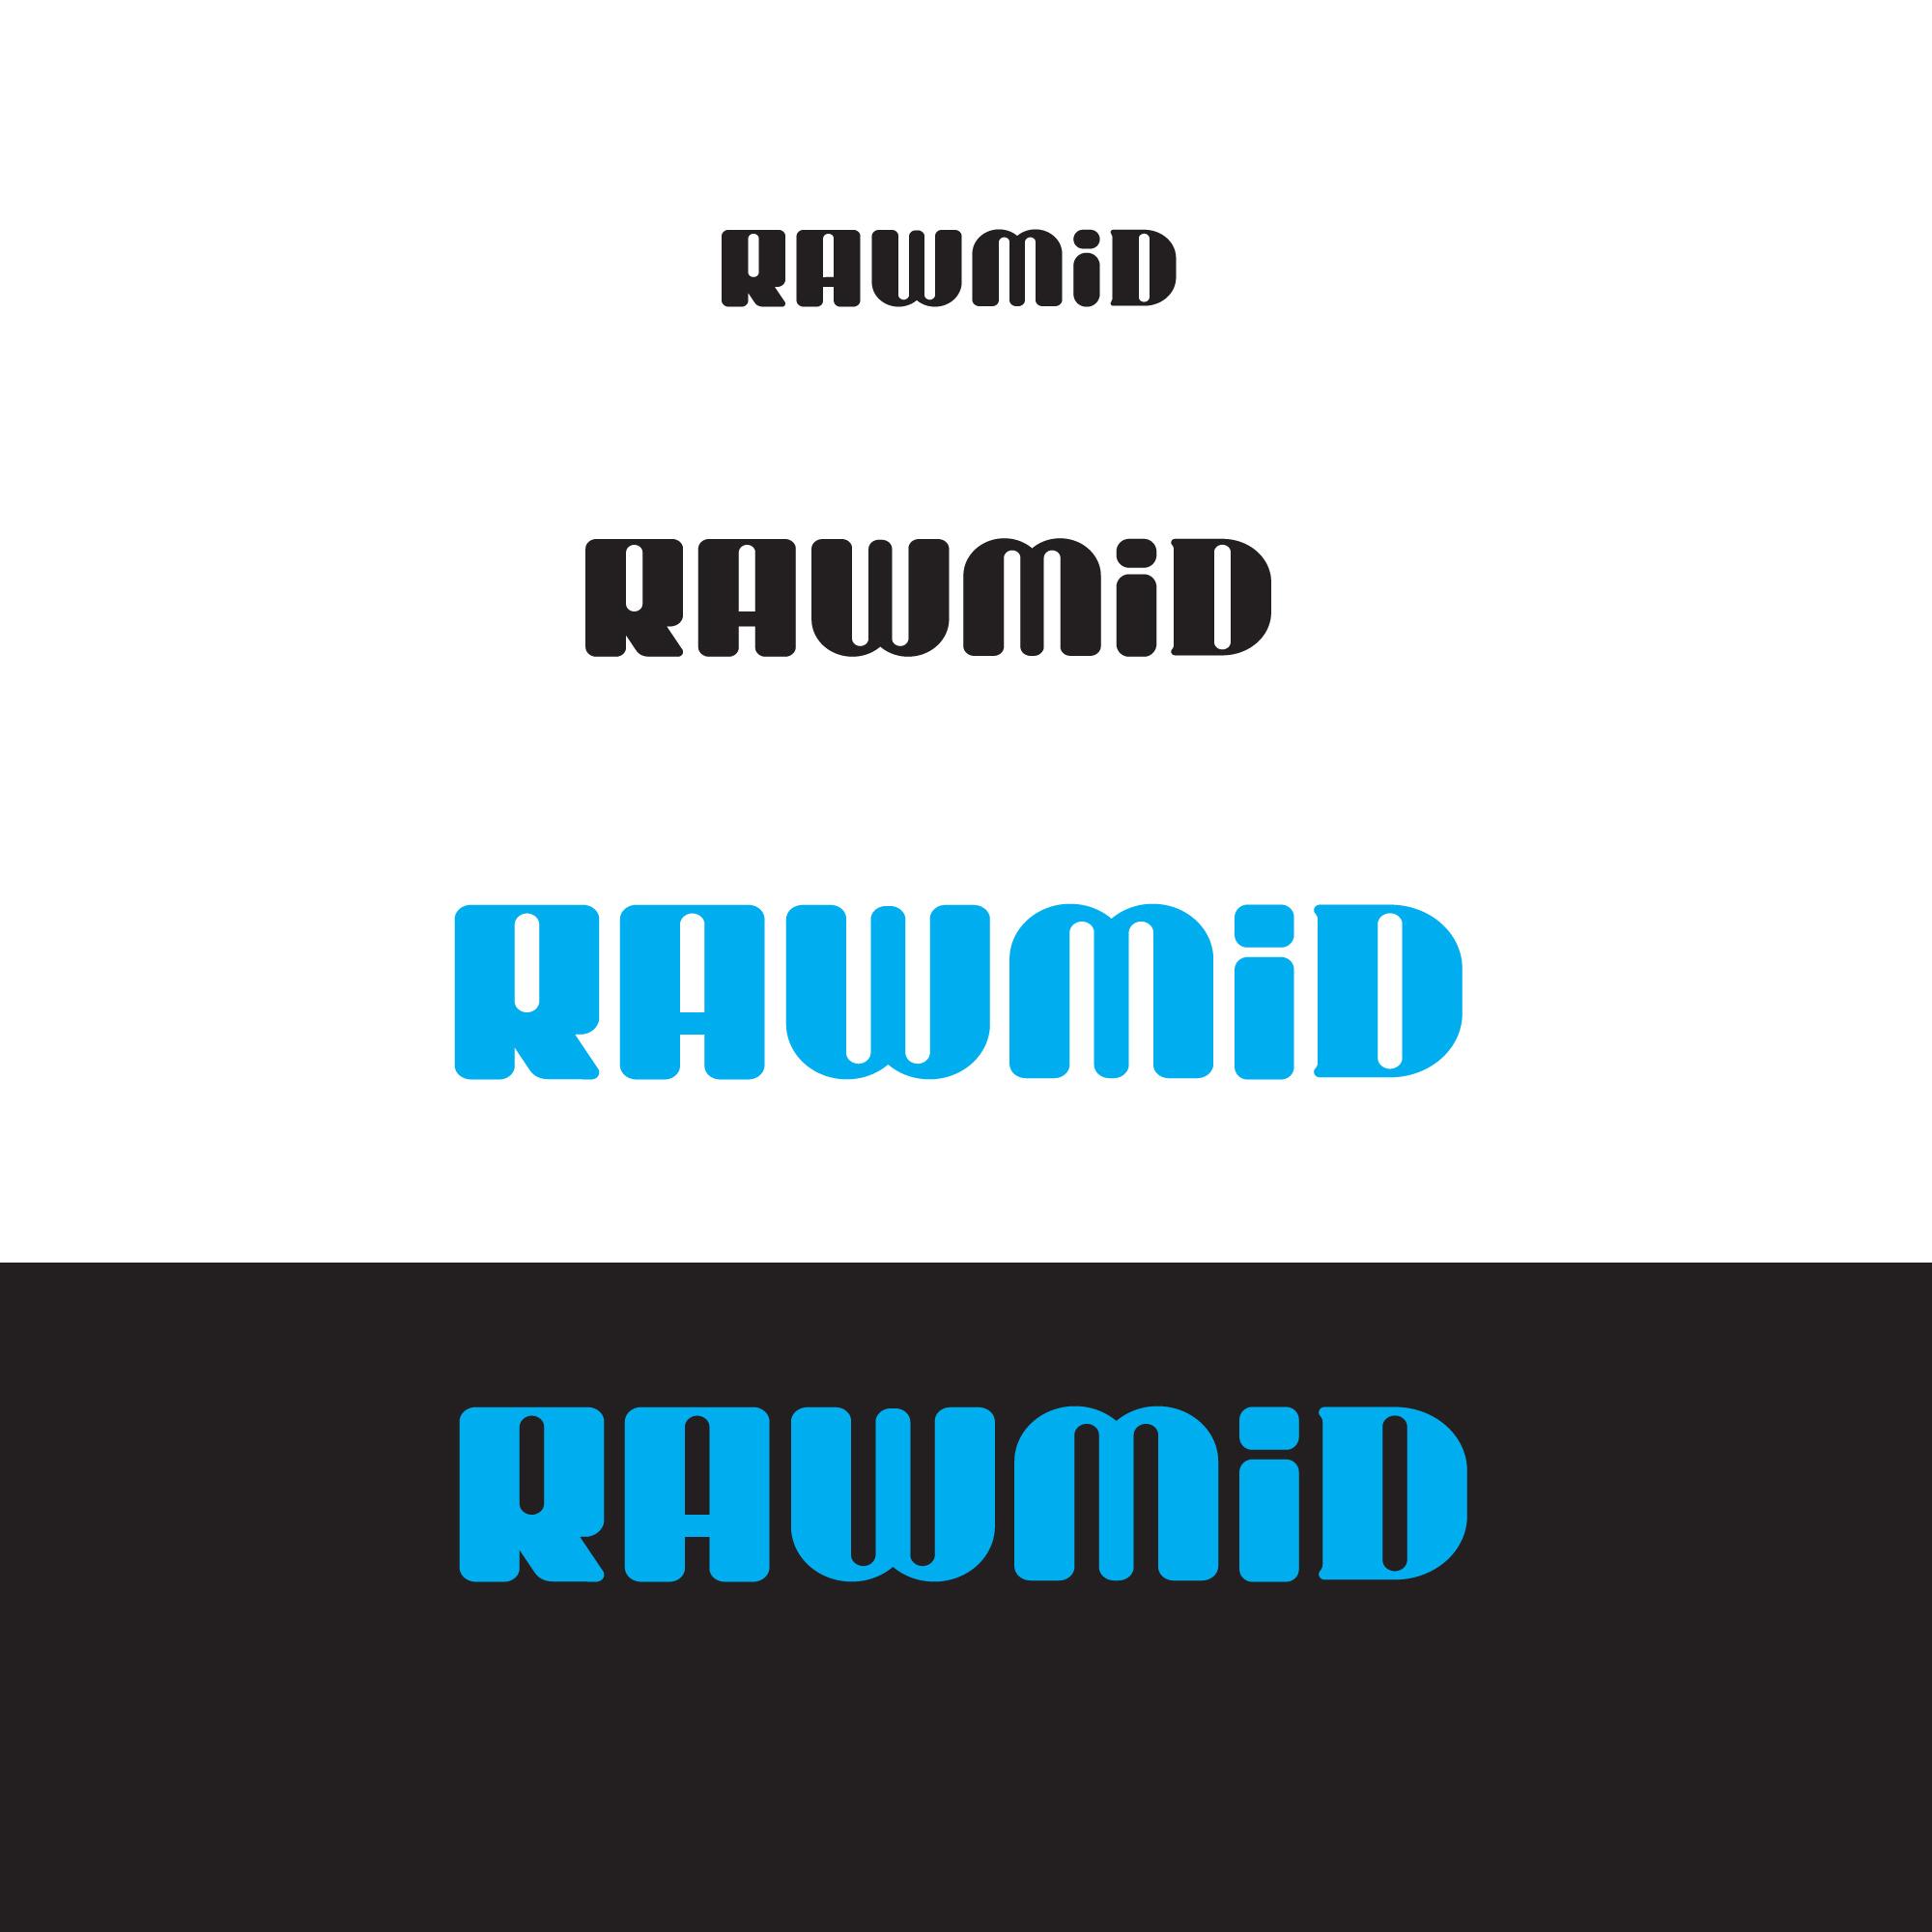 Создать логотип (буквенная часть) для бренда бытовой техники фото f_6165b345f2680230.jpg